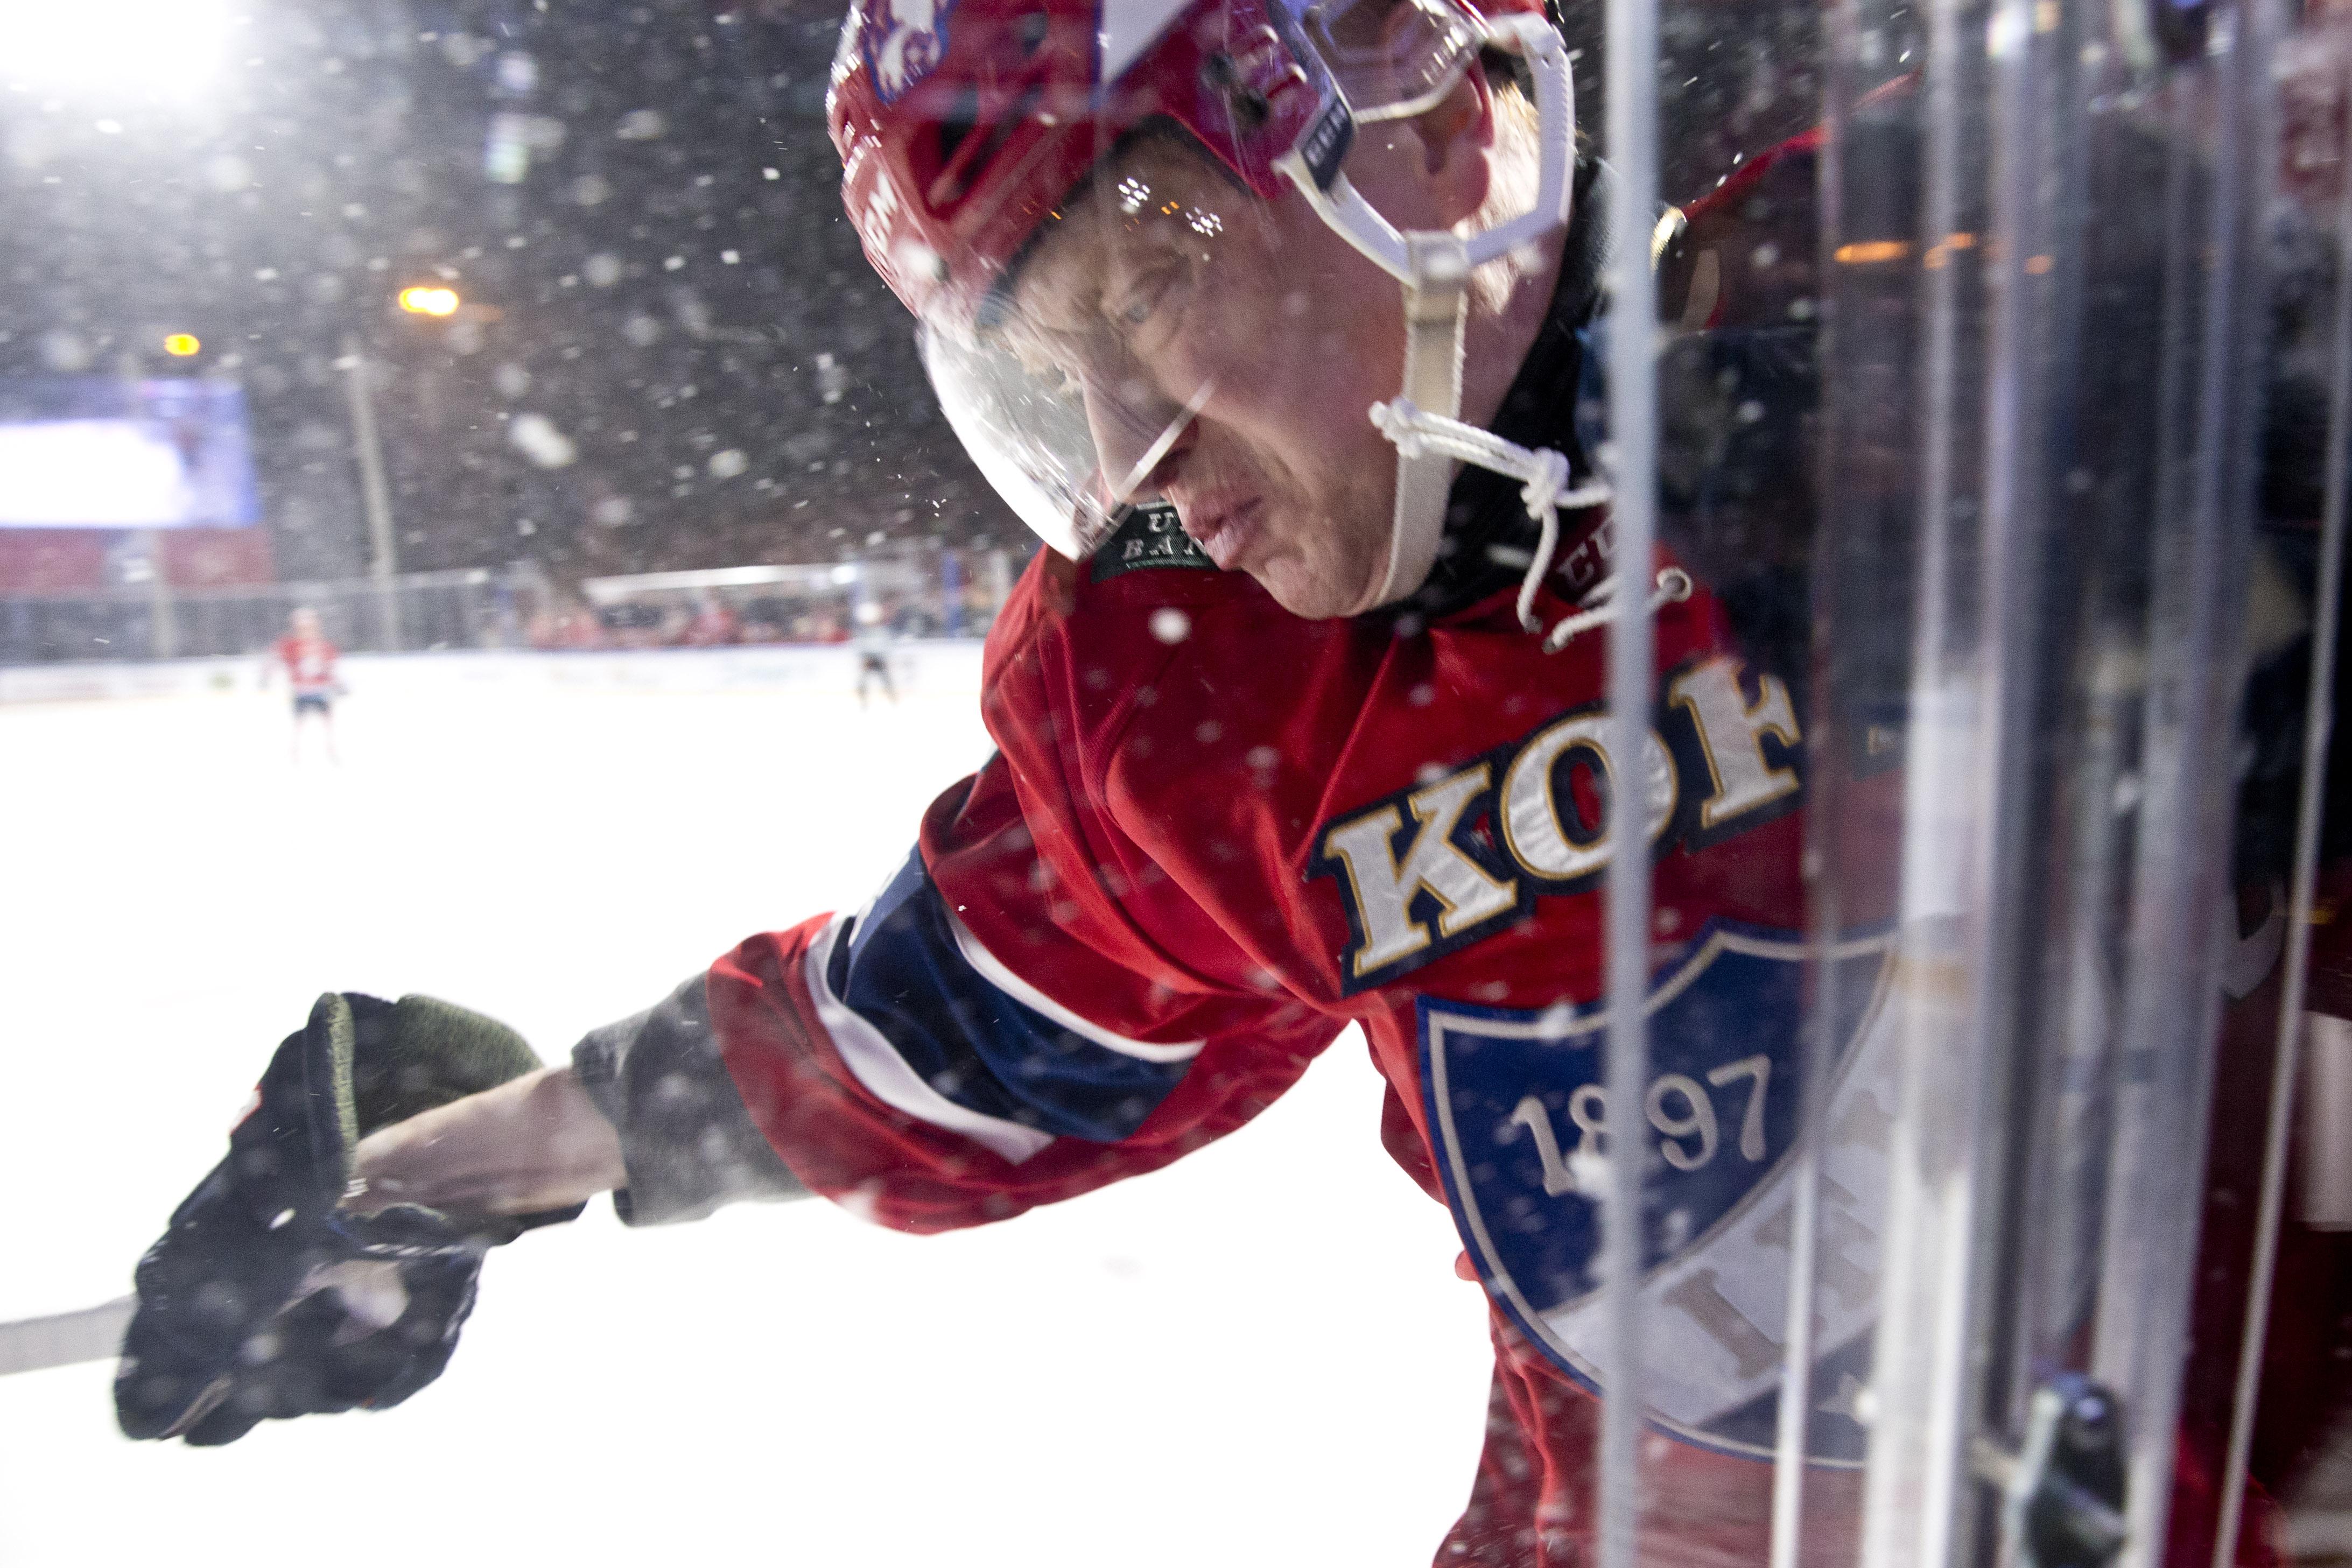 SM Liigai Ice Challenge HIFK - Kärpät